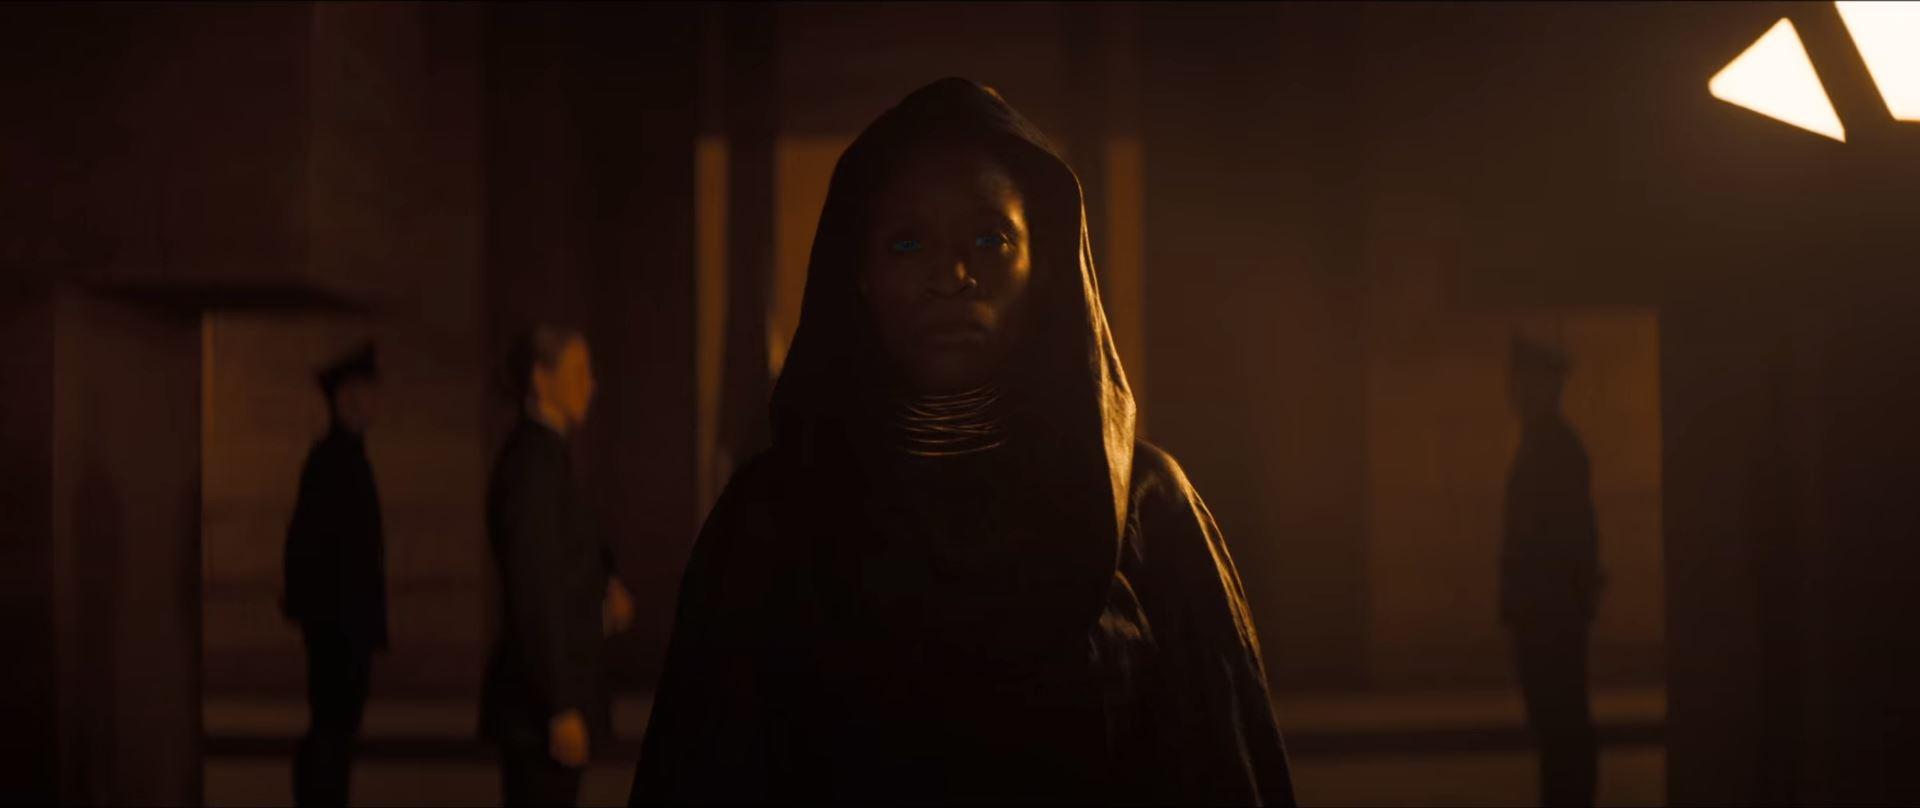 Dune movie trailer Liet Kynes